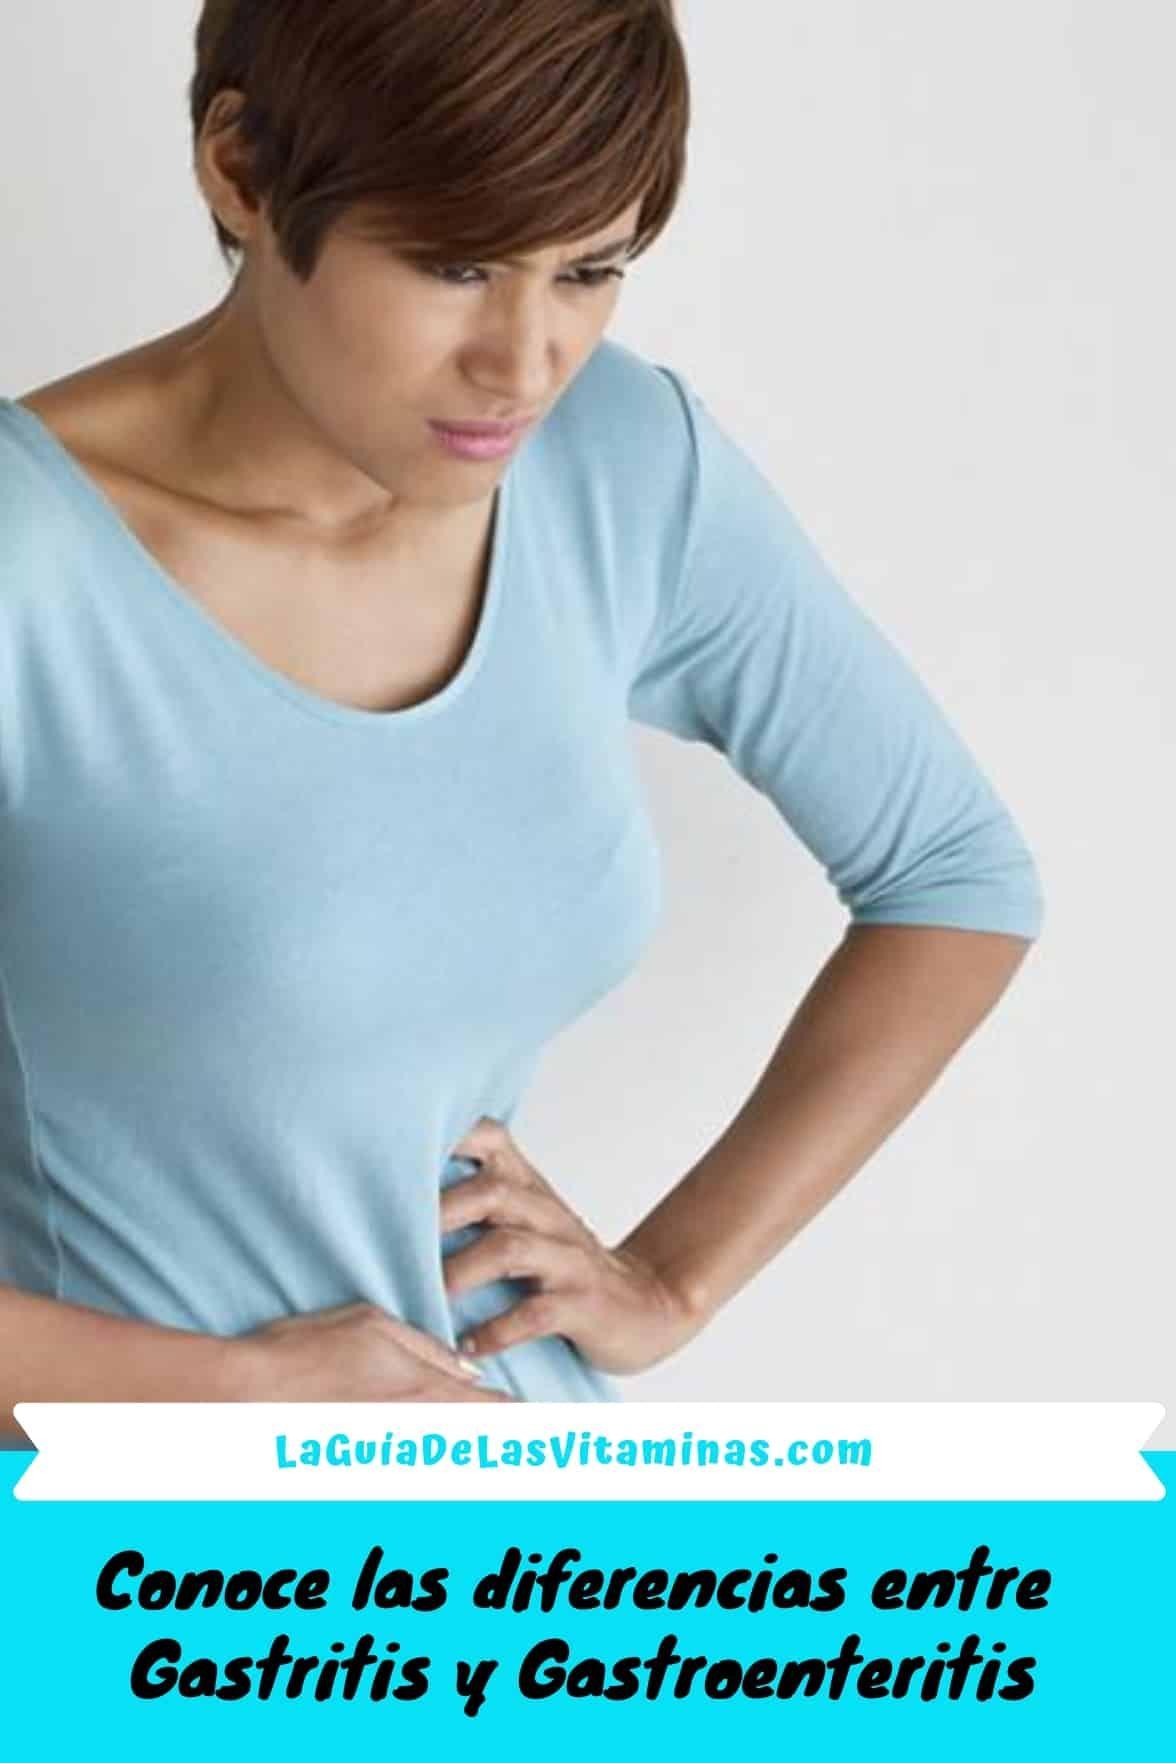 que diferencia hay en gastritis y gastroenteritis